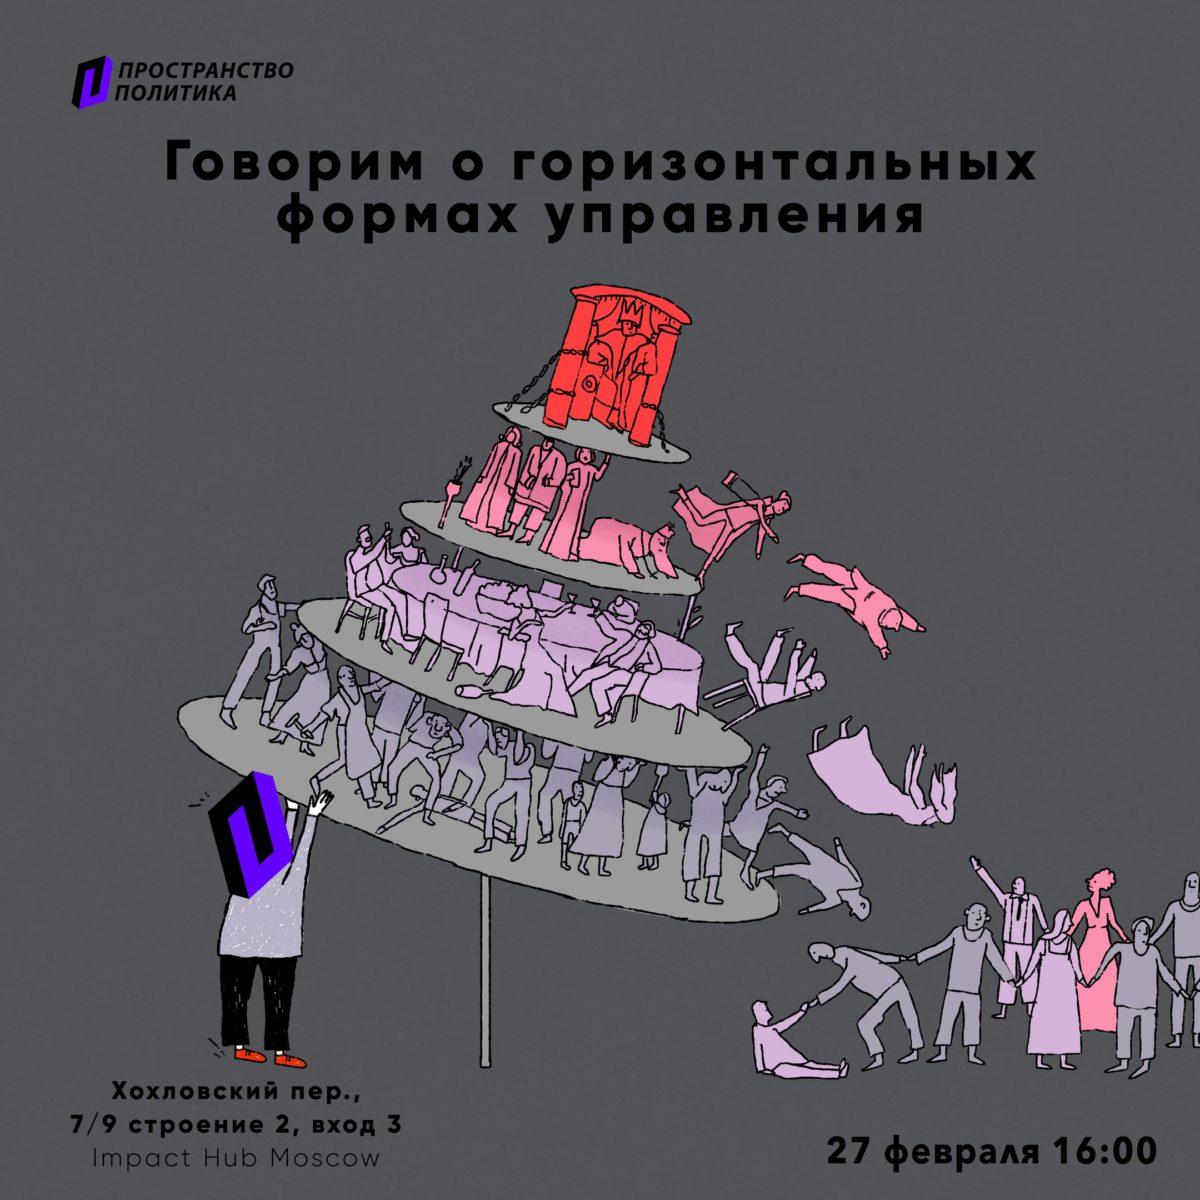 """Постер мероприятия """"Говорим о горизонтальных формах управления"""""""